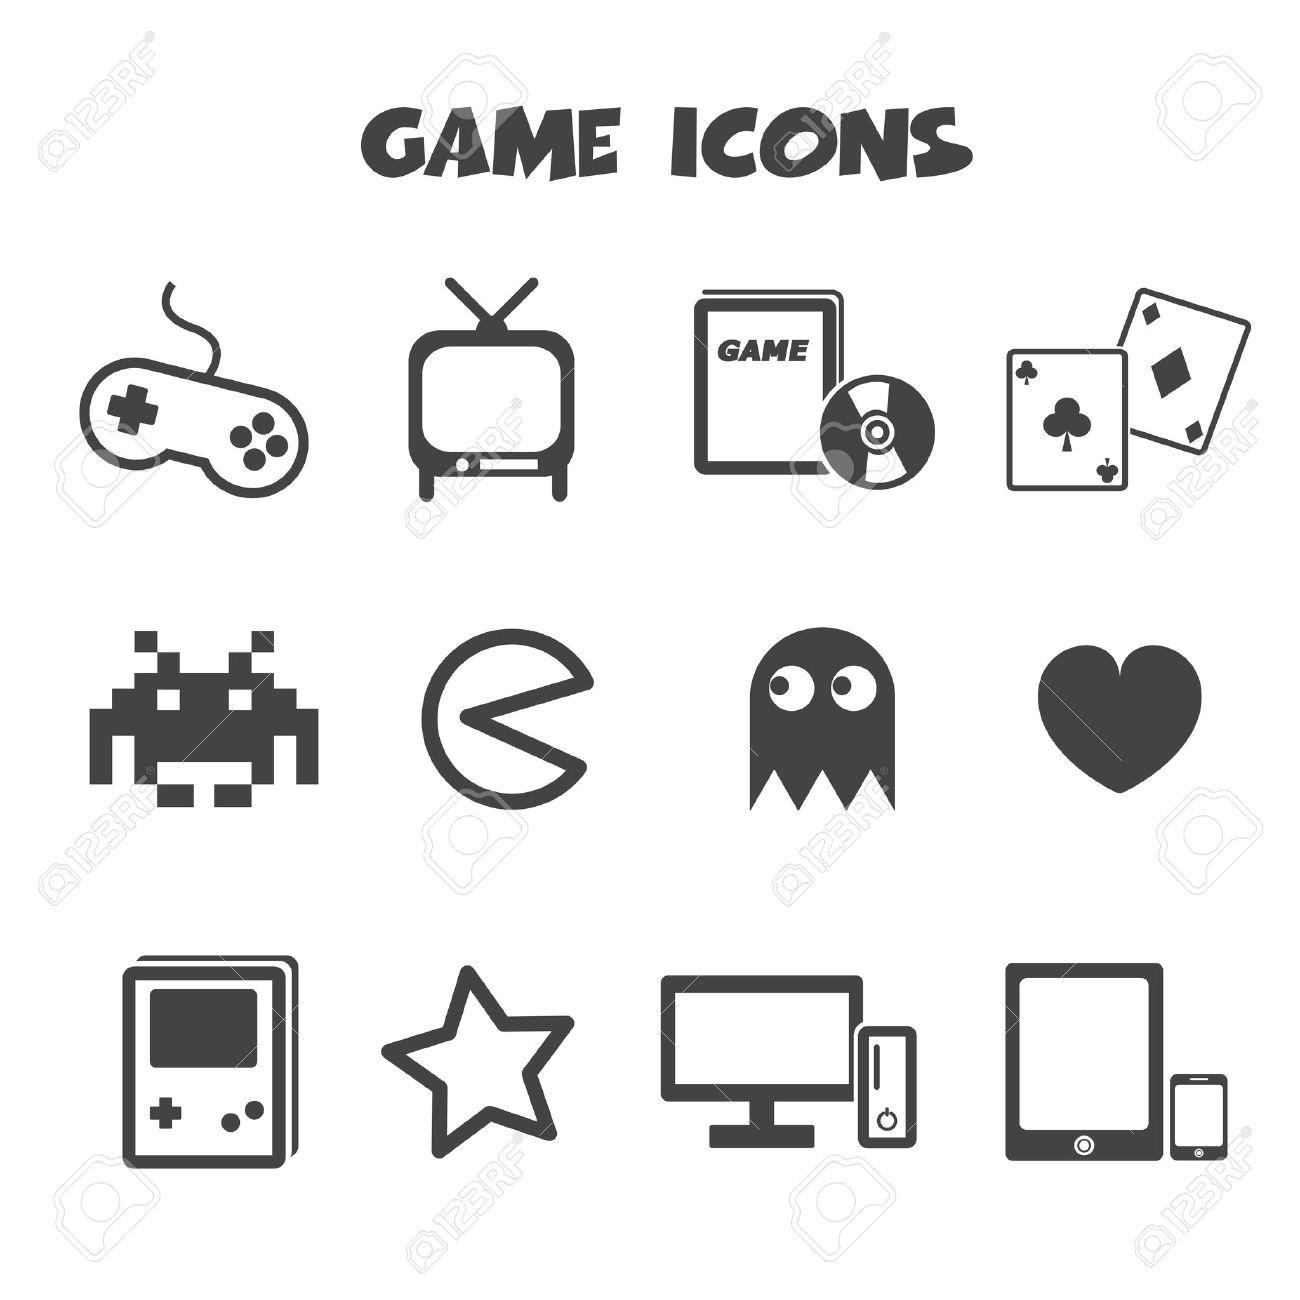 Game Icons, Mono Vector Symbols Royalty Free Cliparts, Vectors ...